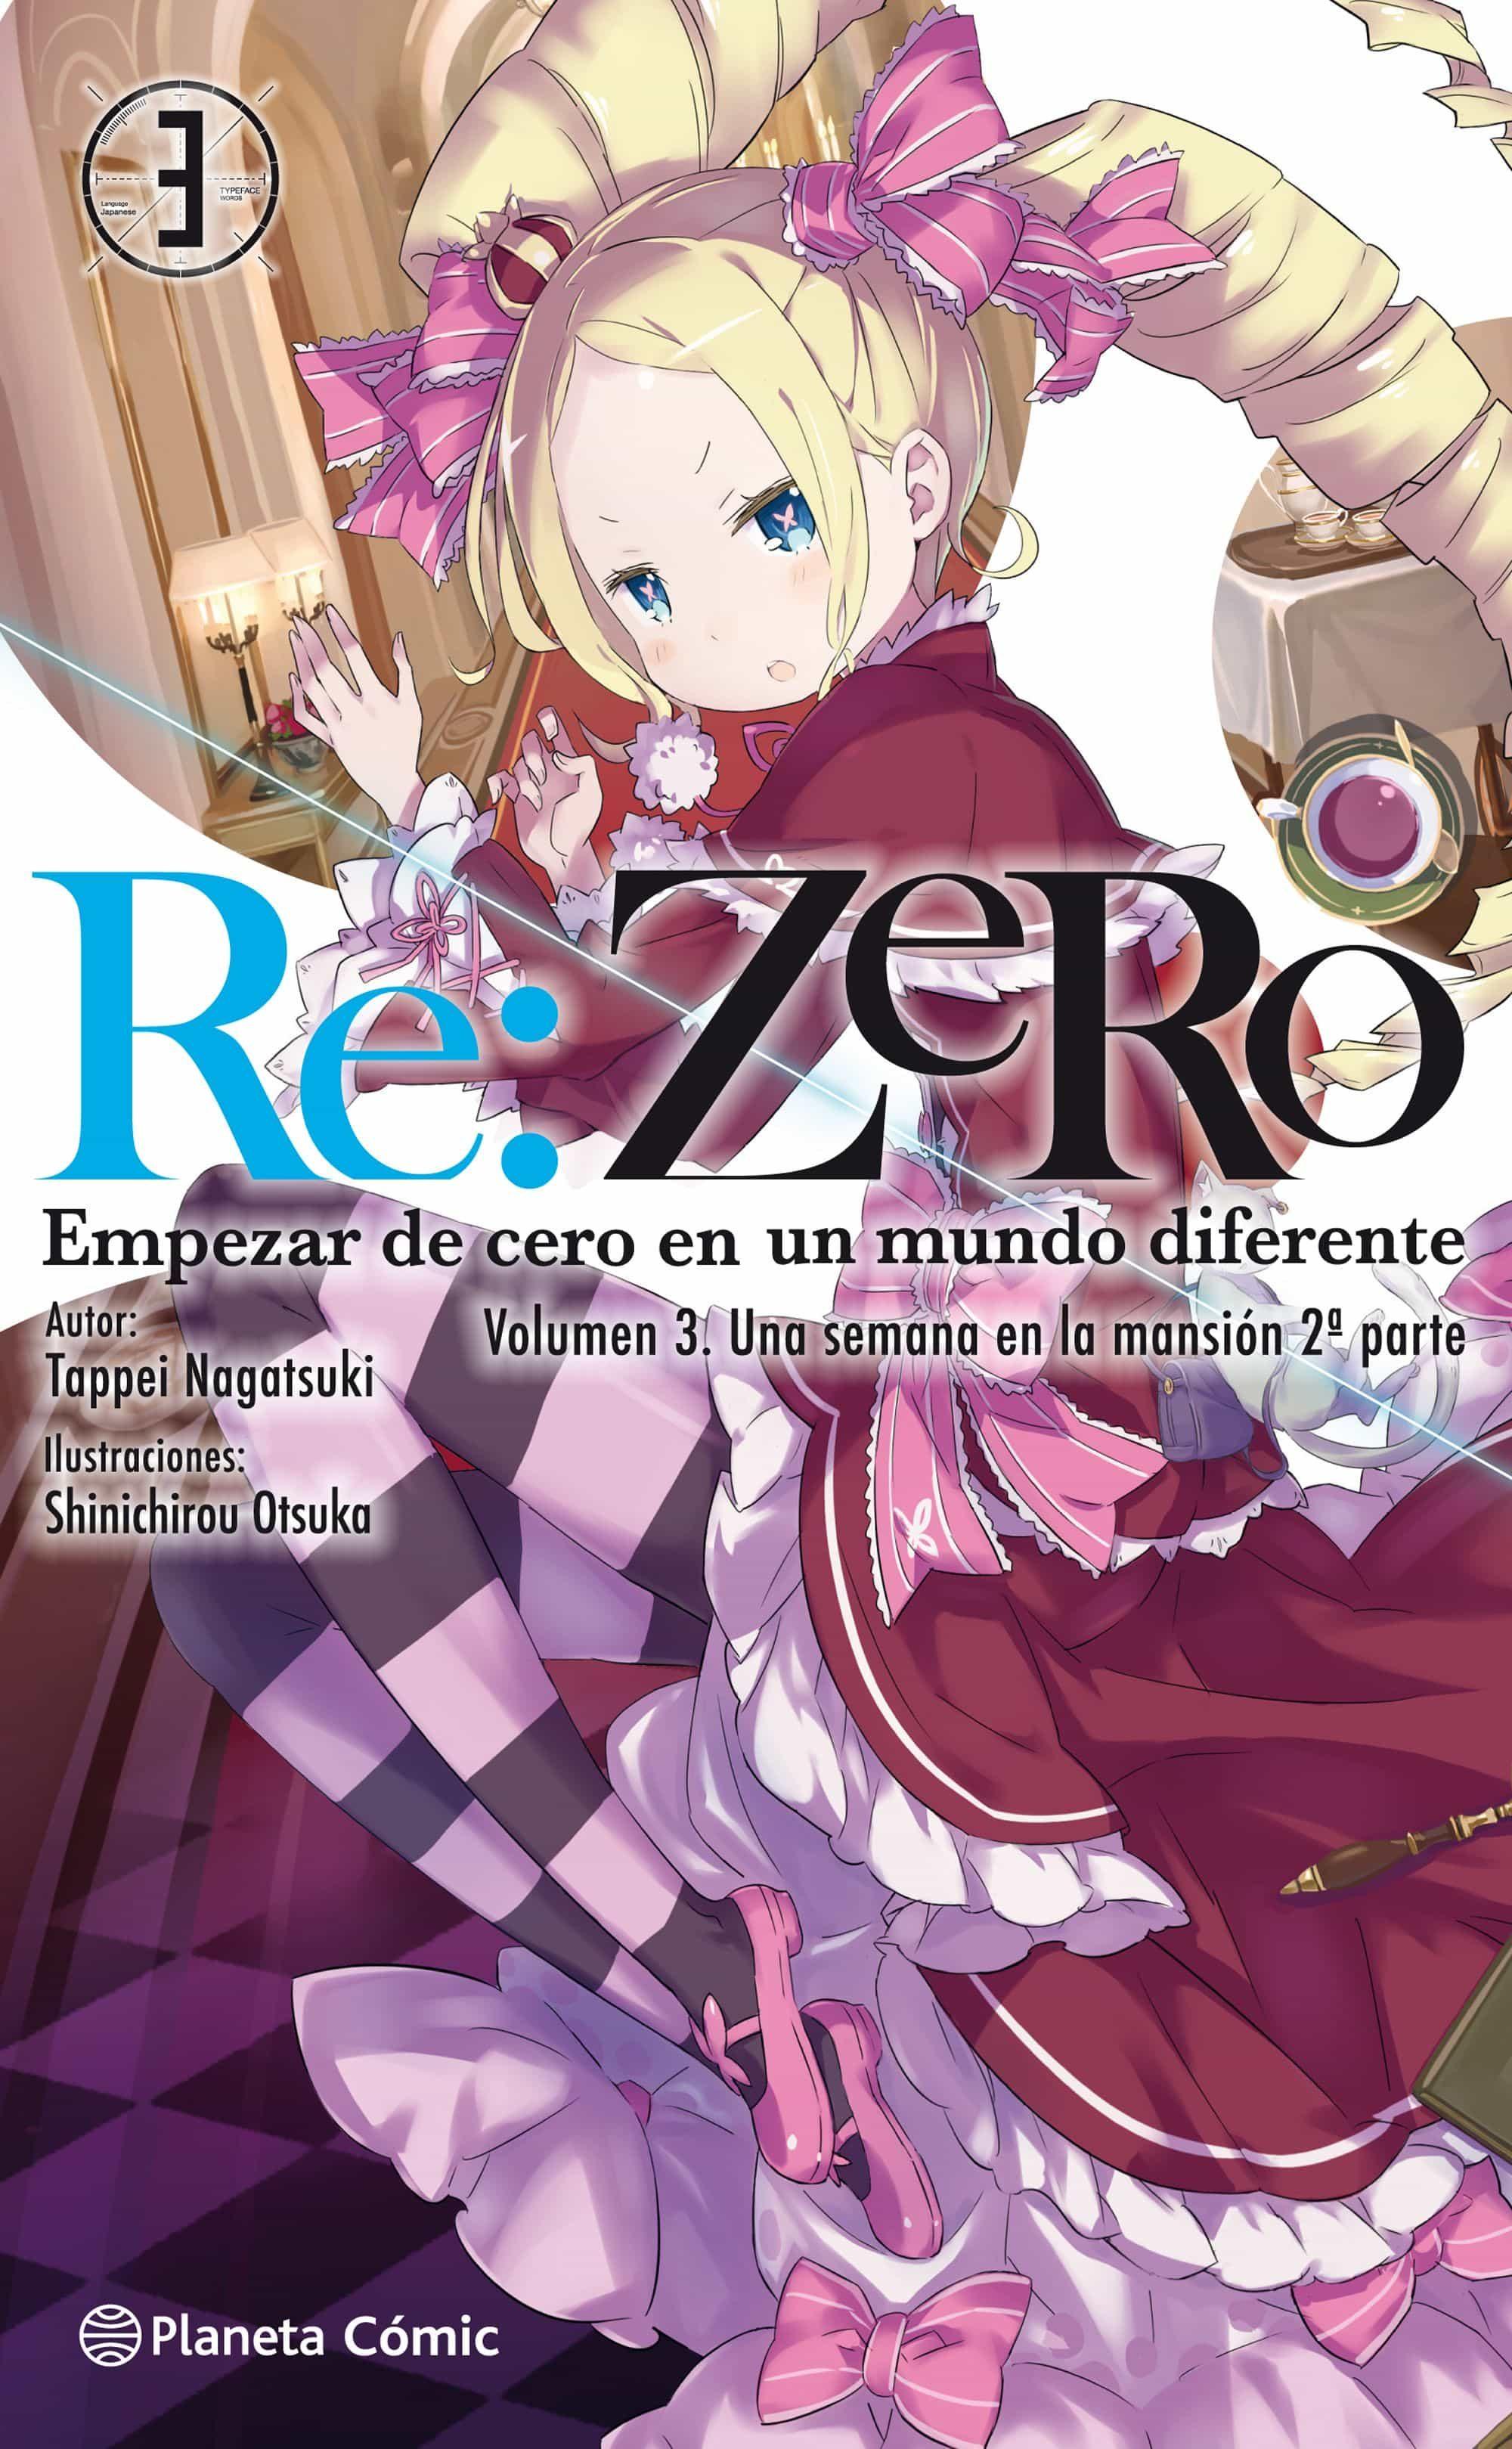 Re:zero (novela) Nº 03 por Tappei Nagatsuki;                                                           Shinichirou Otsuka